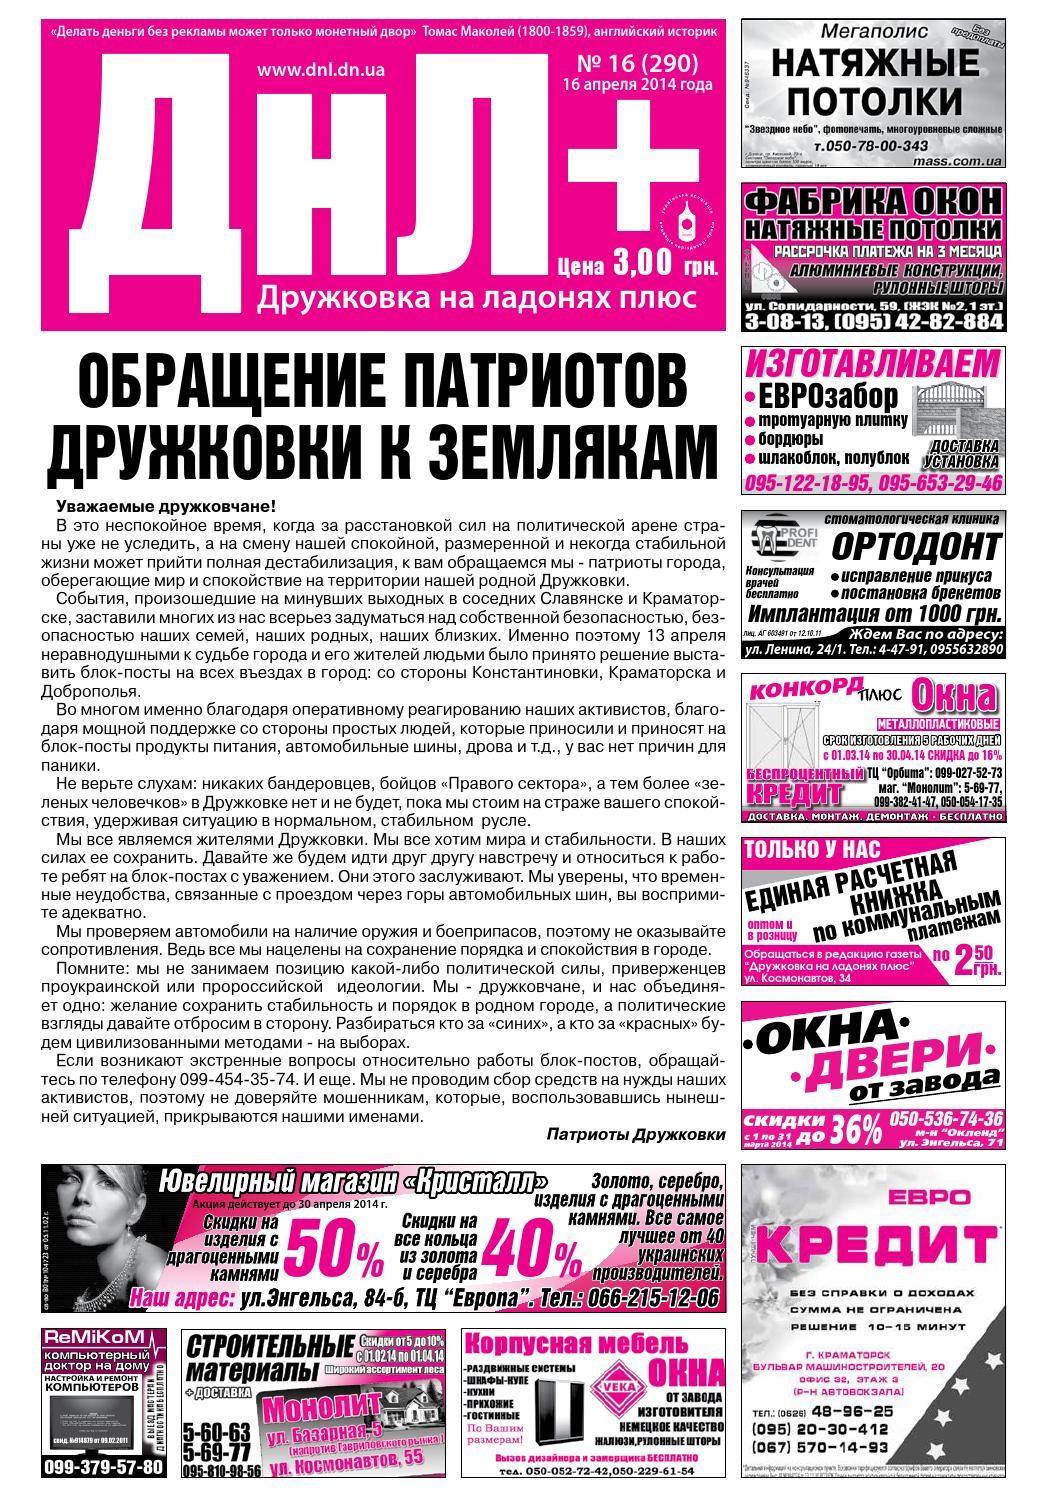 инструкция по технике безопасности для горнорабочего подземного 2012 года в украине